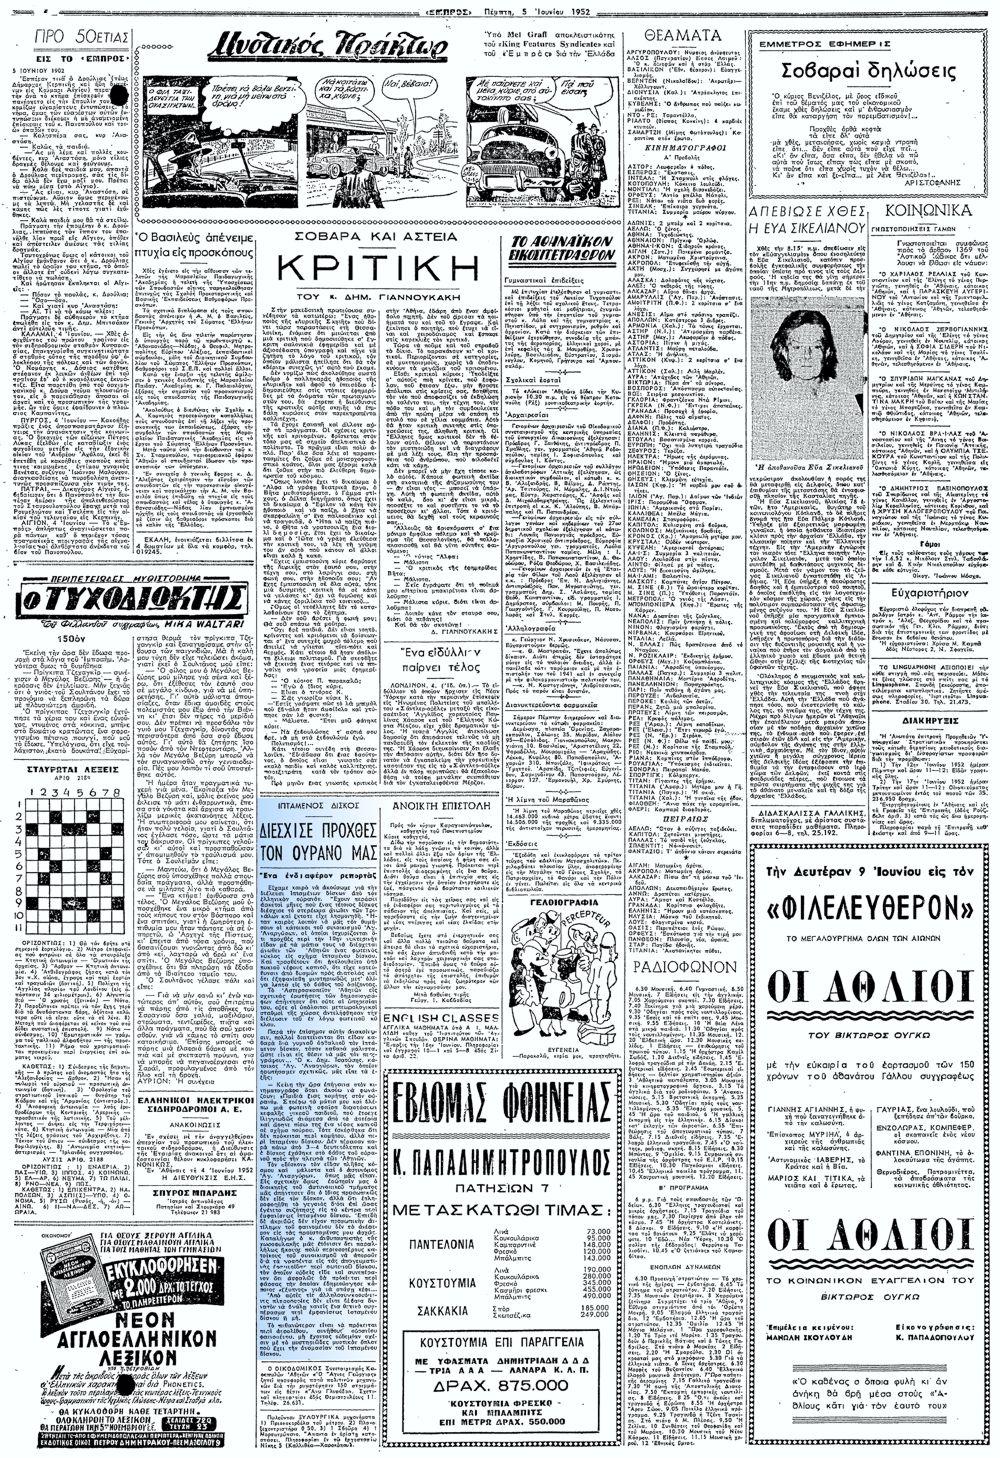 """Το άρθρο, όπως δημοσιεύθηκε στην εφημερίδα """"ΕΜΠΡΟΣ"""", στις 05/06/1952"""